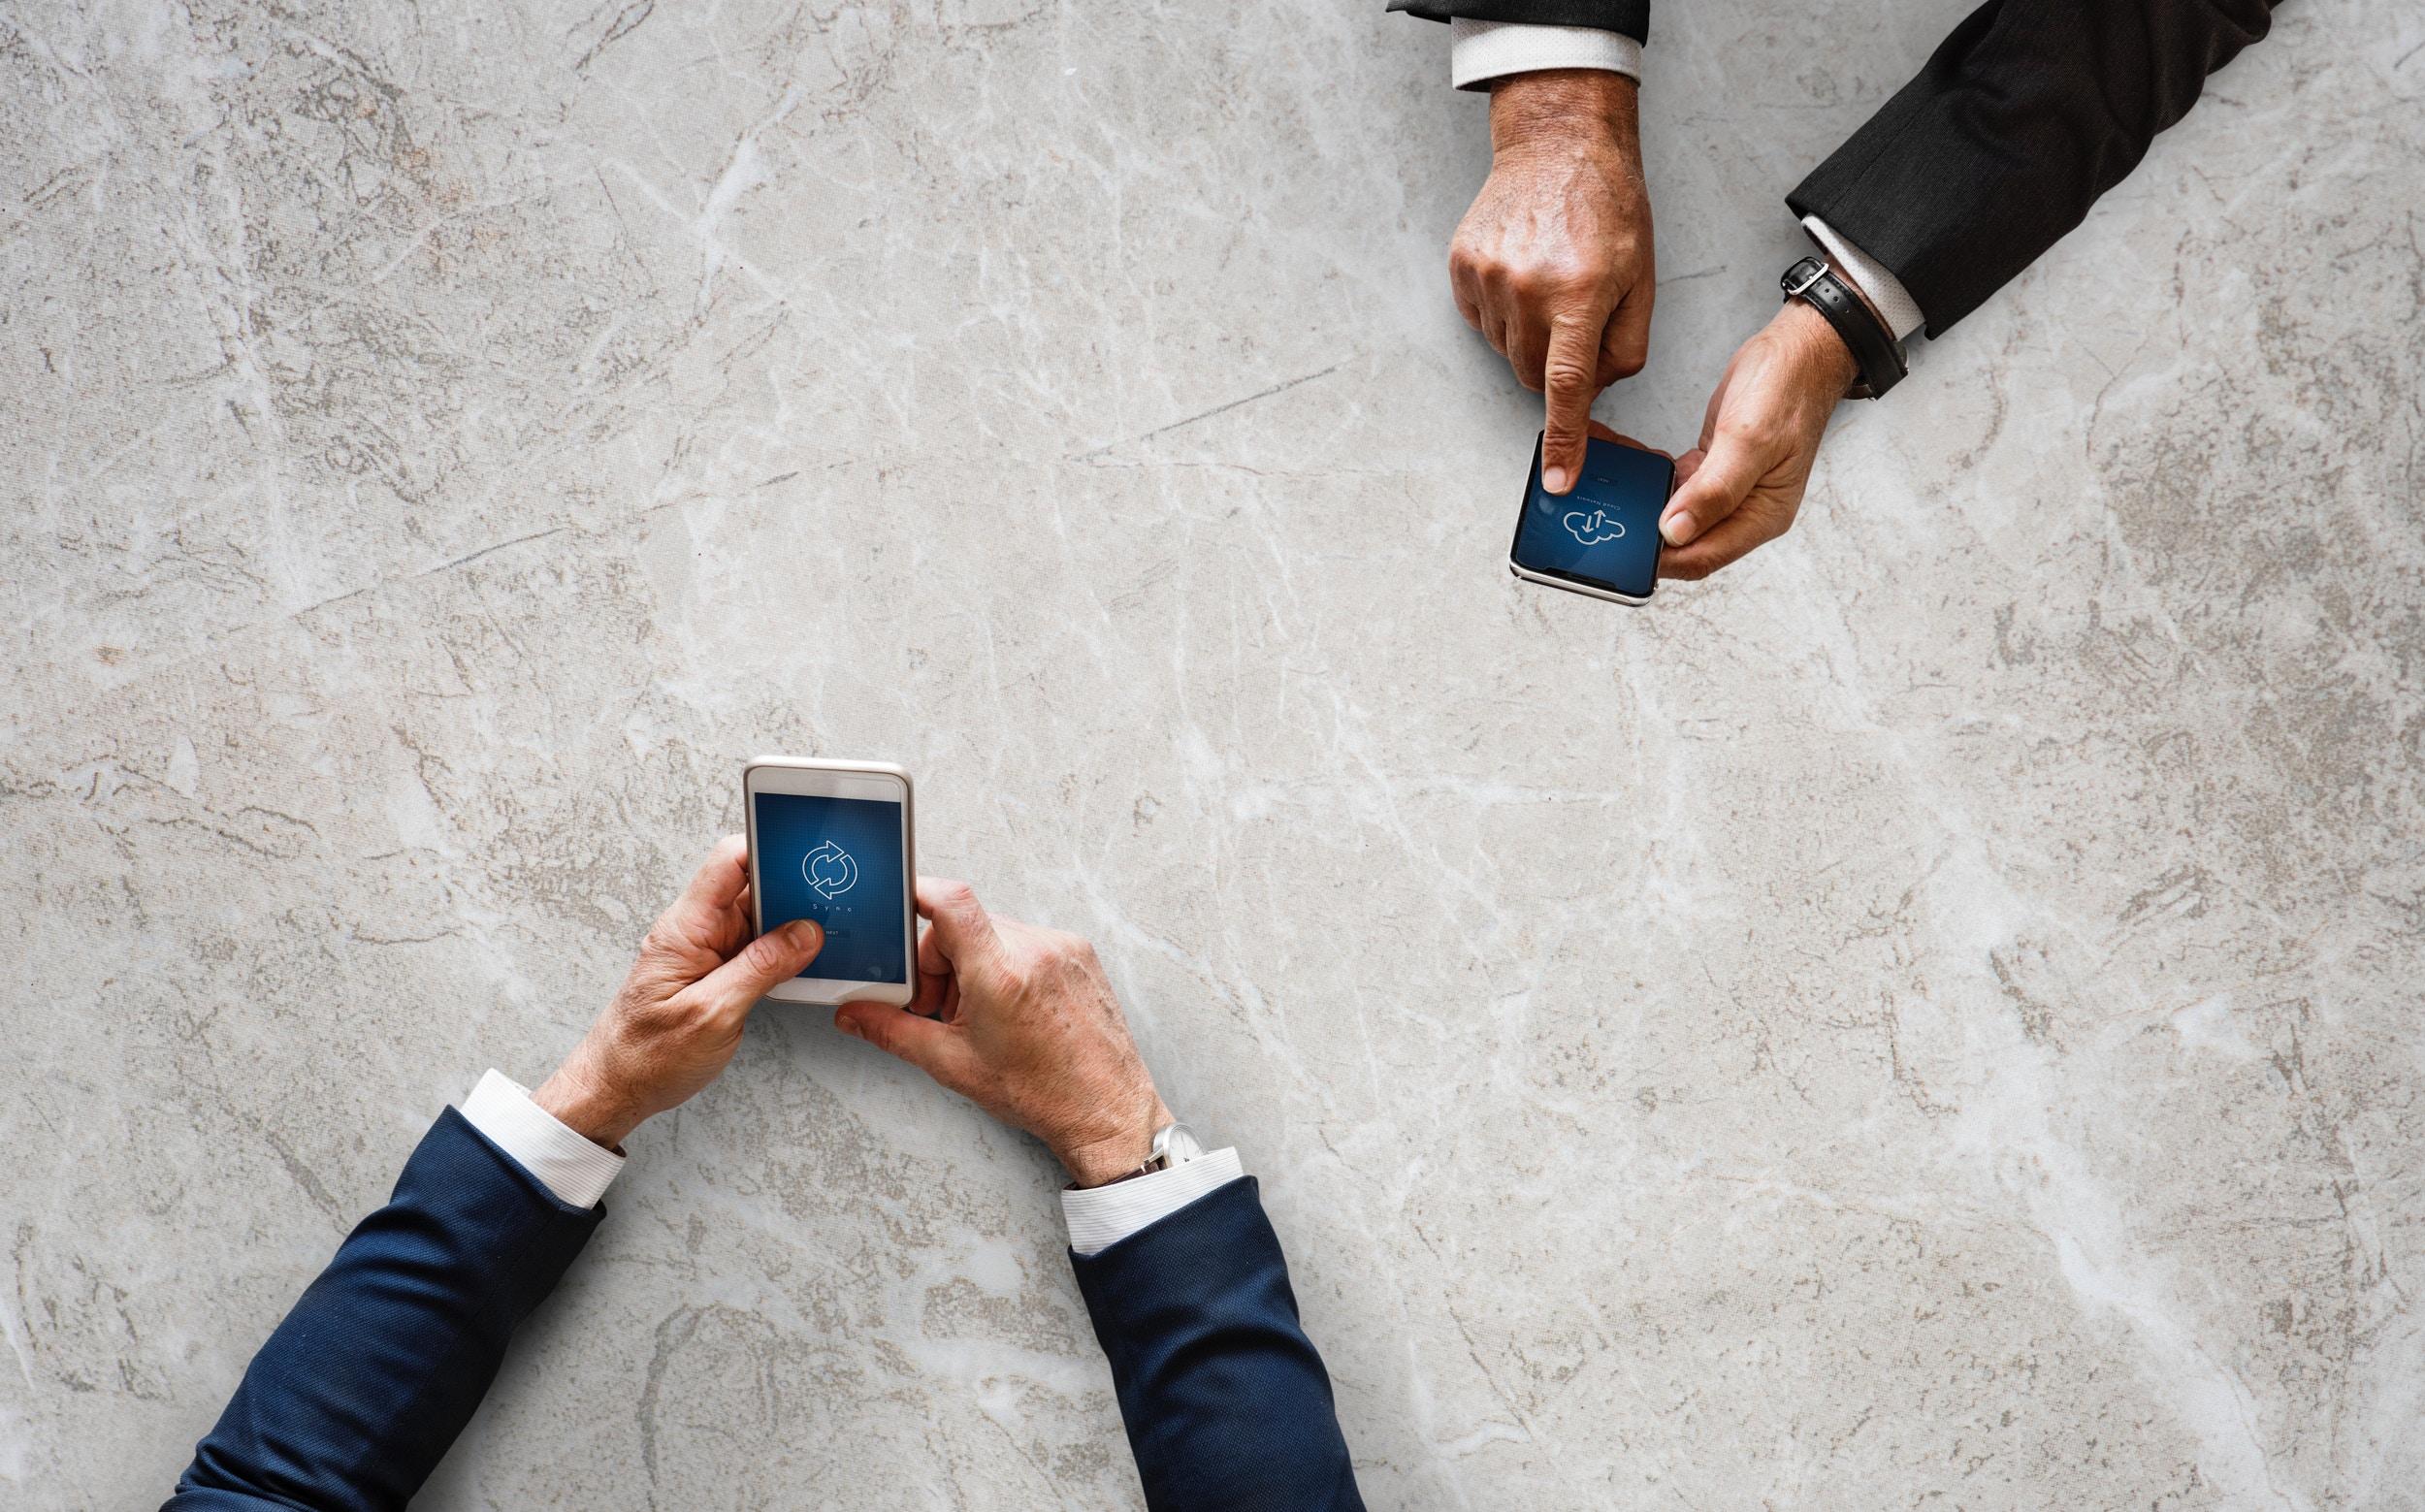 digitale urenregistratie